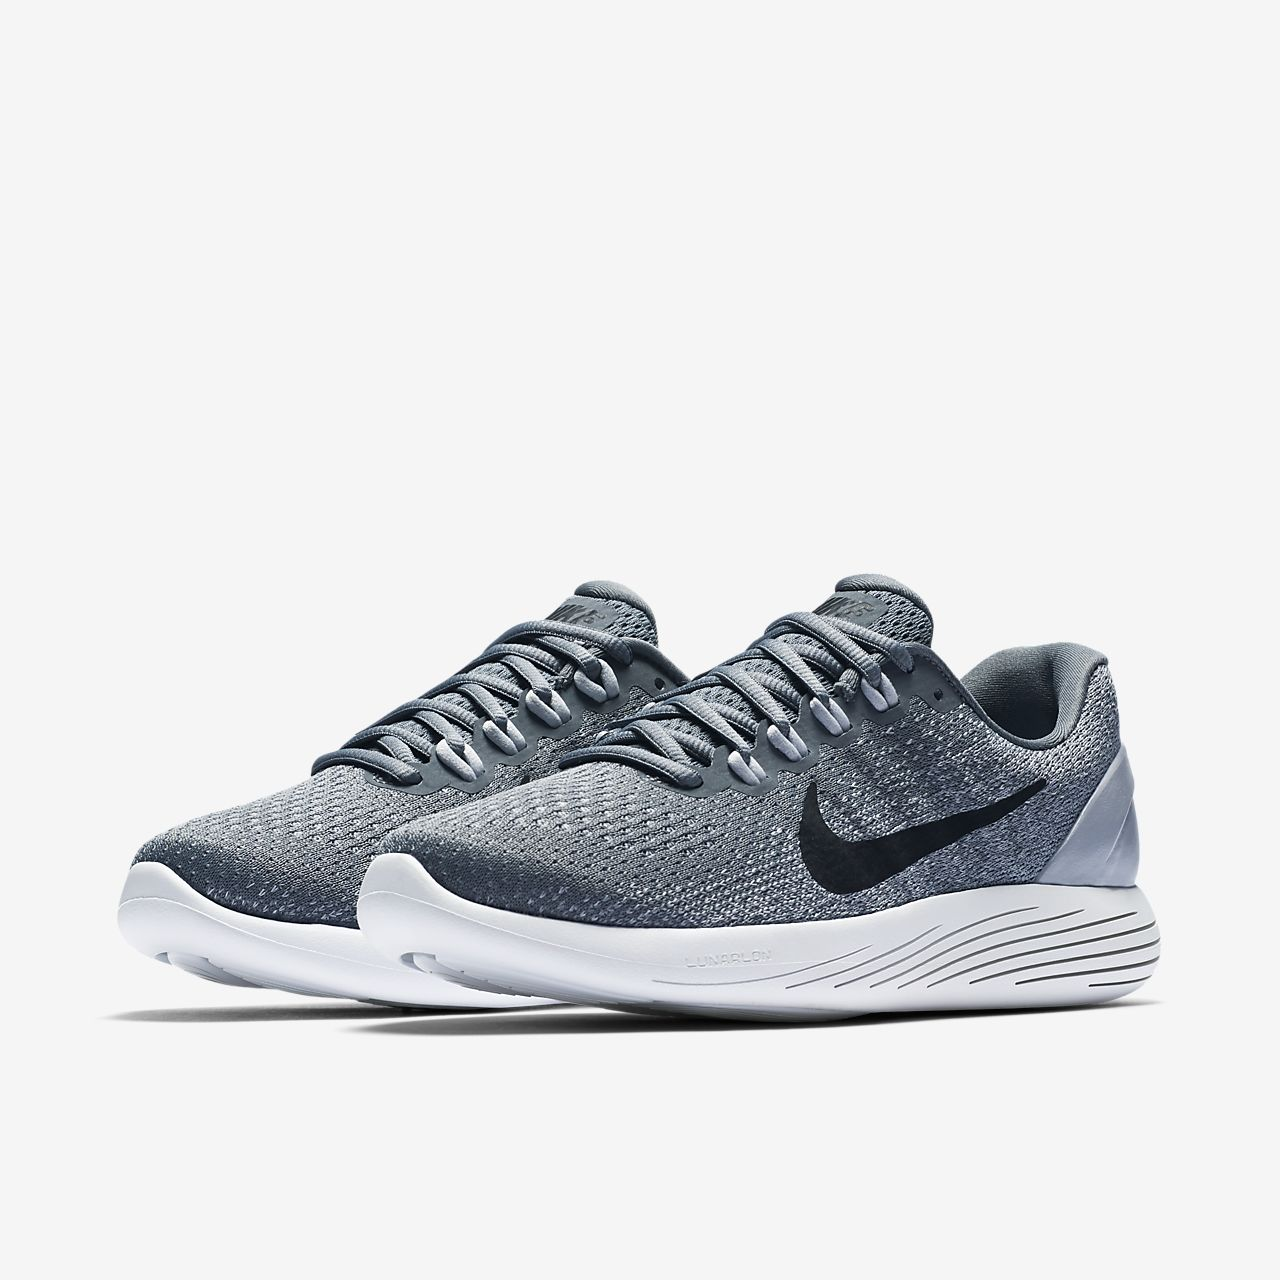 9 Chaussure Nike De Pour Ca Lunarglide Femme Running nnz8I